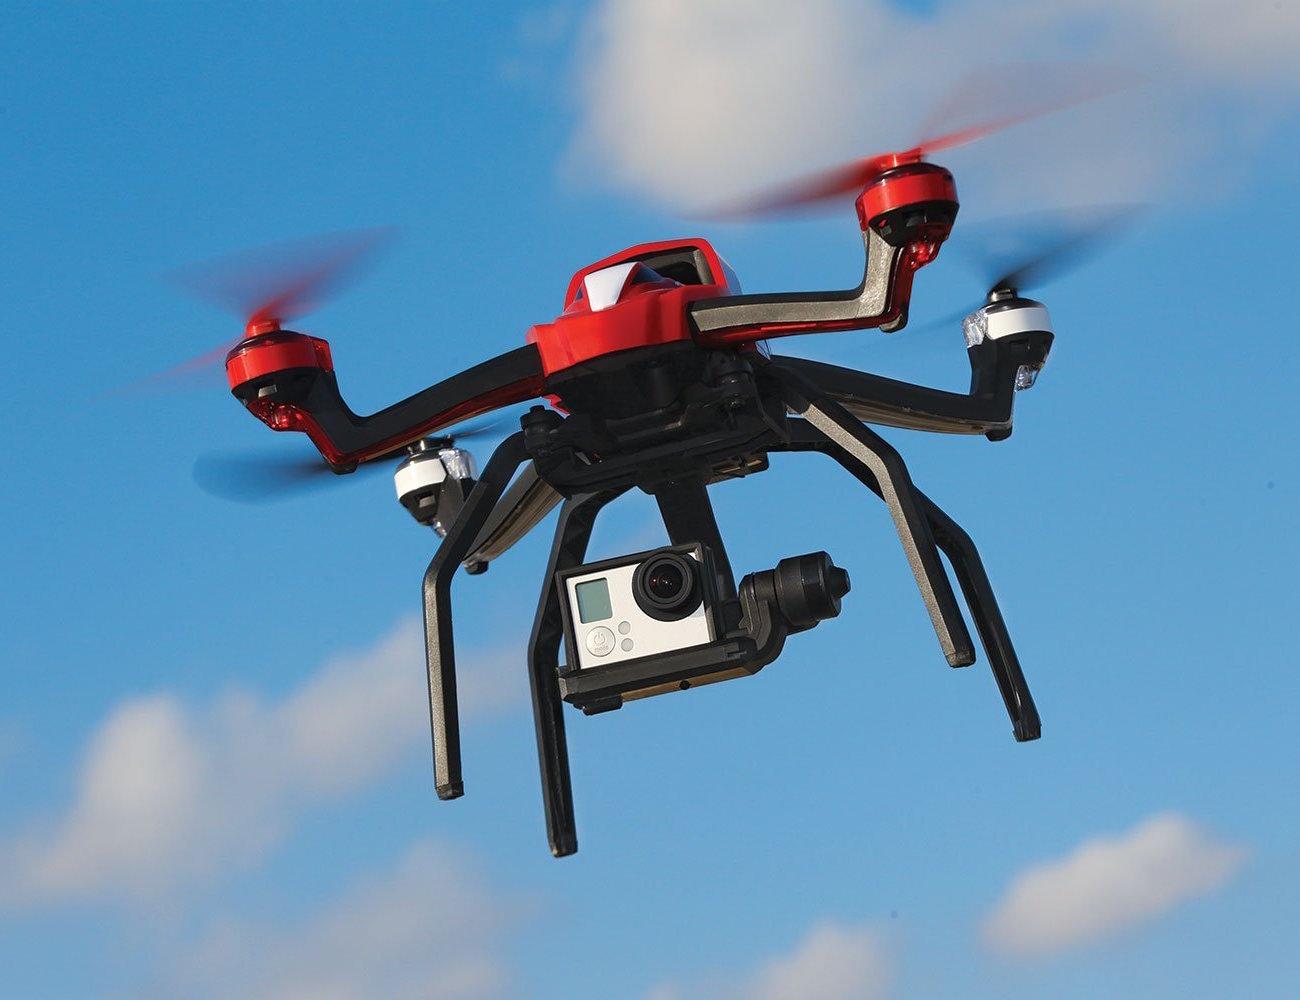 Traxxas 7909 Aton Quadcopter